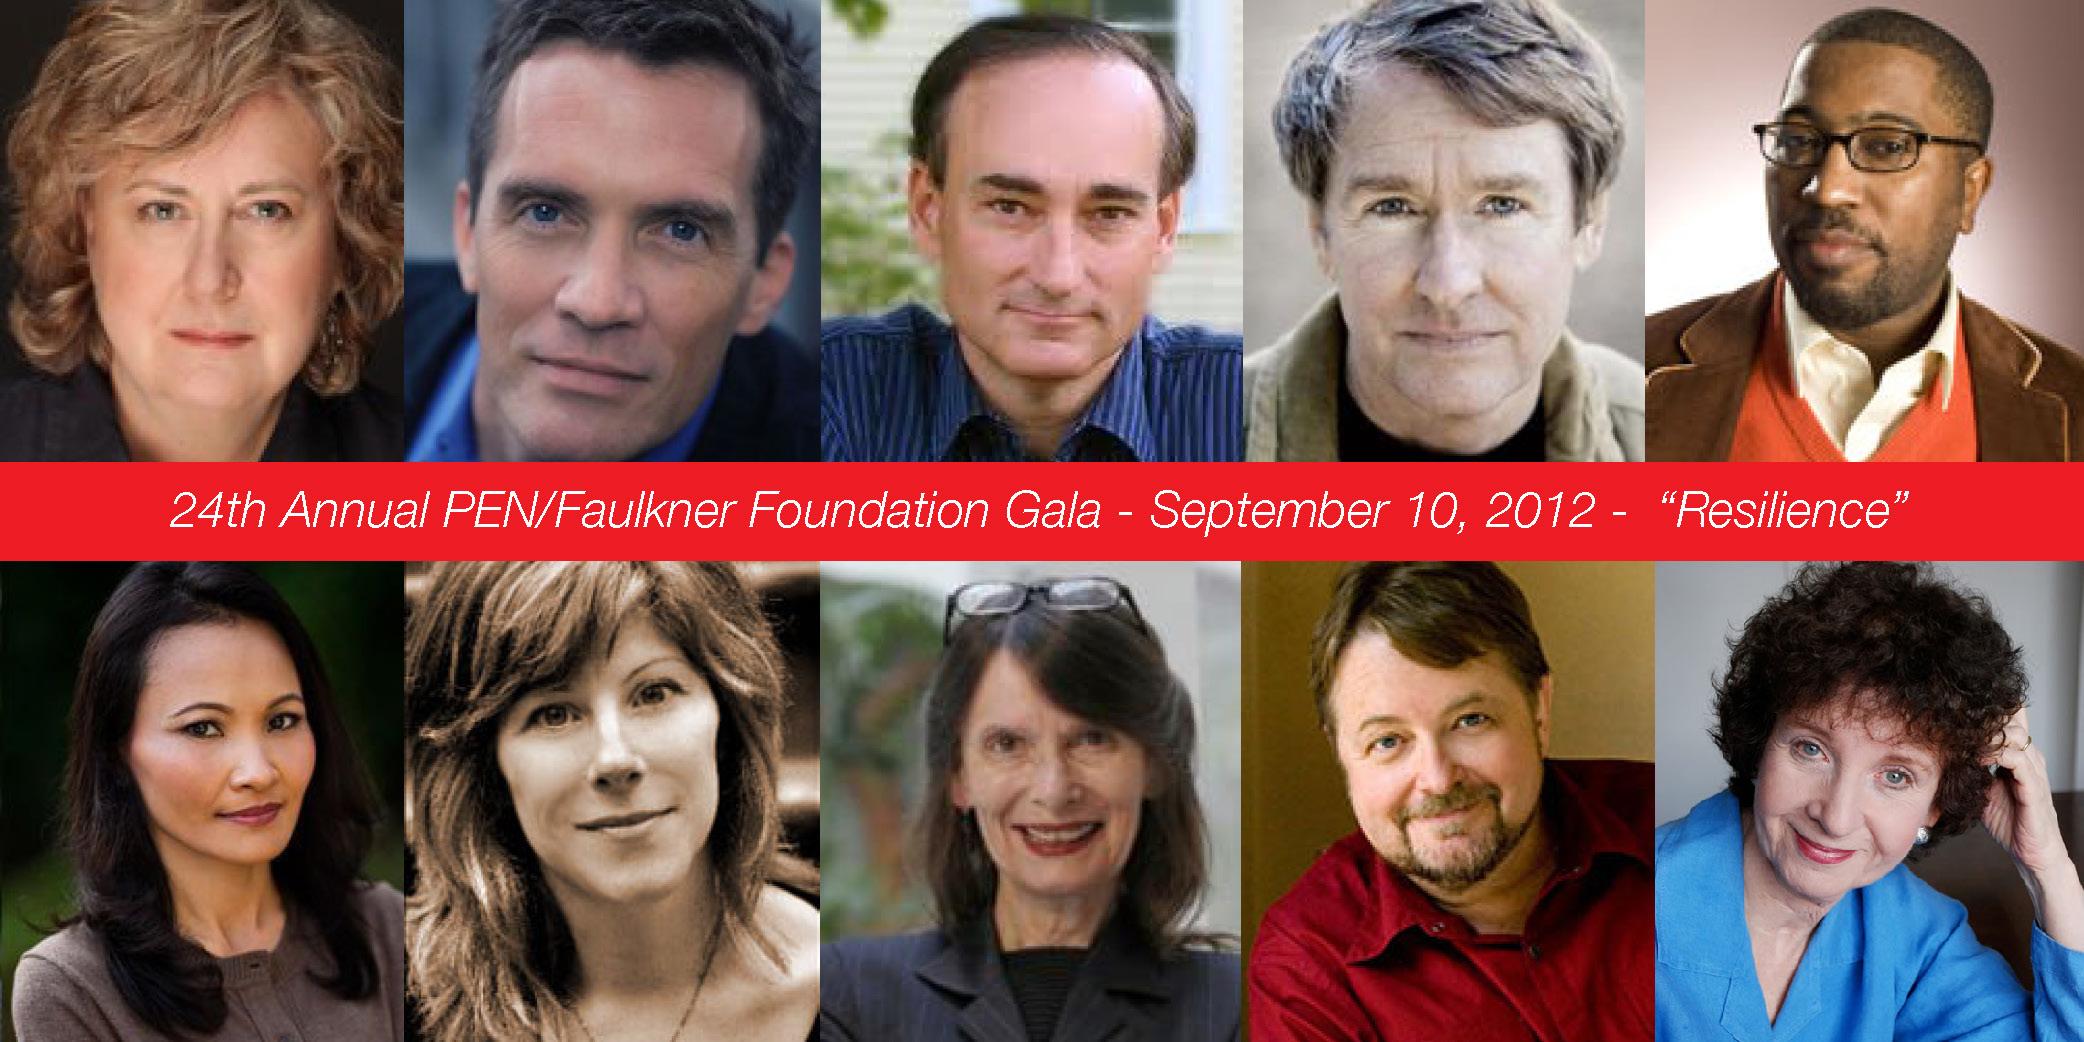 2012 PEN/Faulkner Gala Author Photos